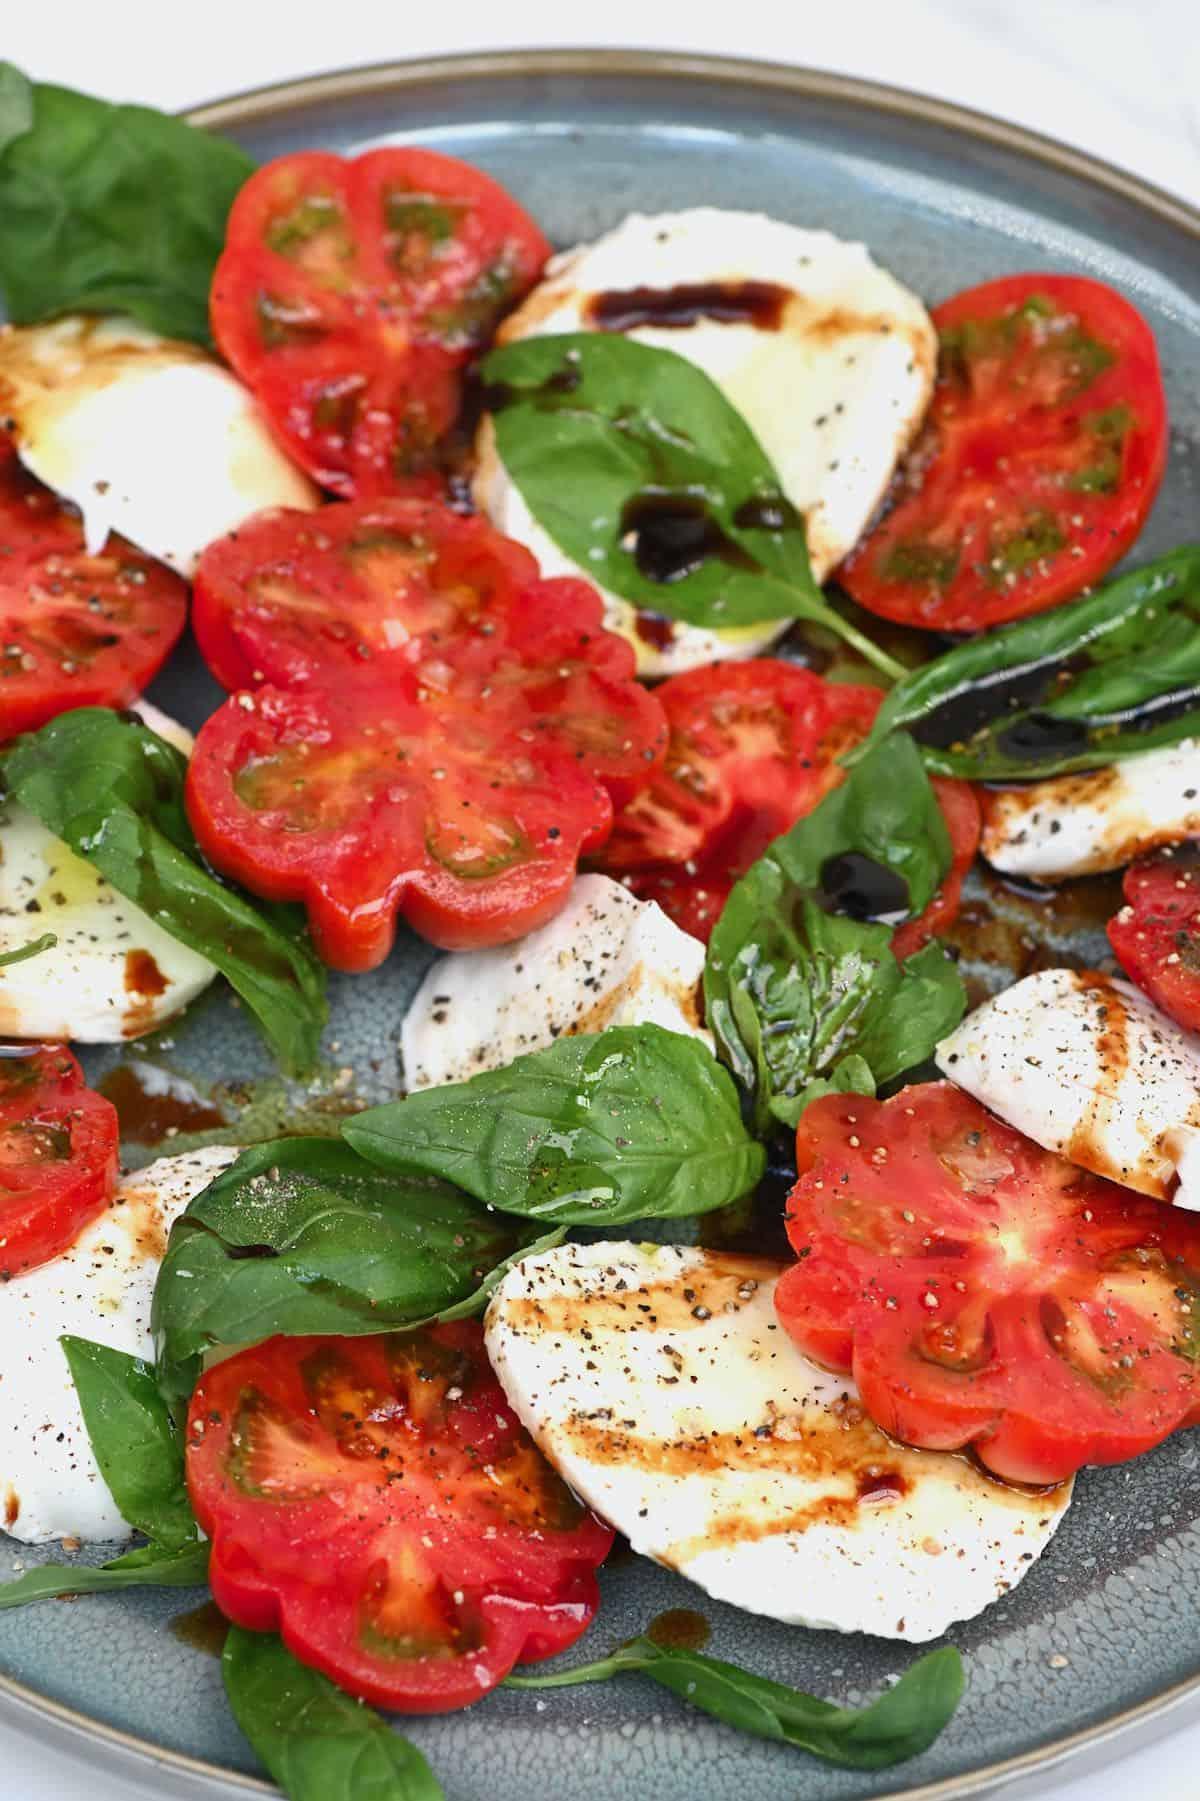 A caprese salad in a plate